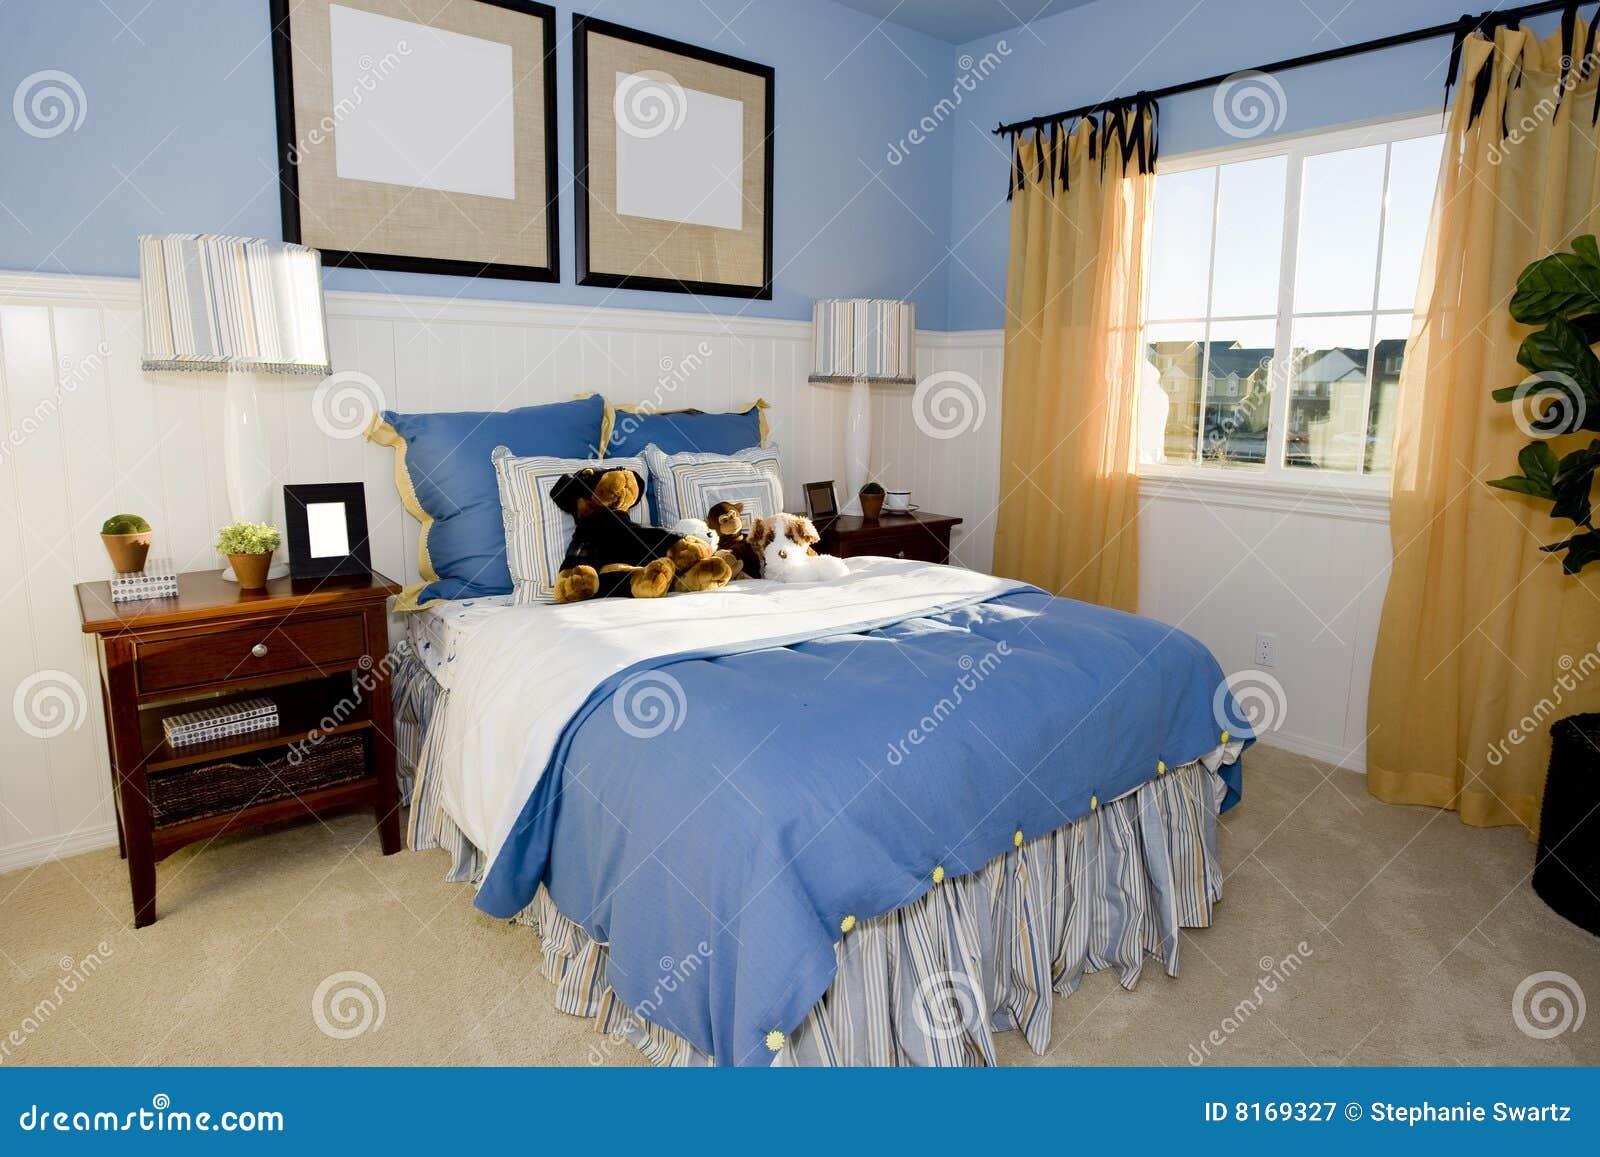 Ragazza s della camera da letto immagine stock immagine for Accessori camera da letto ragazza